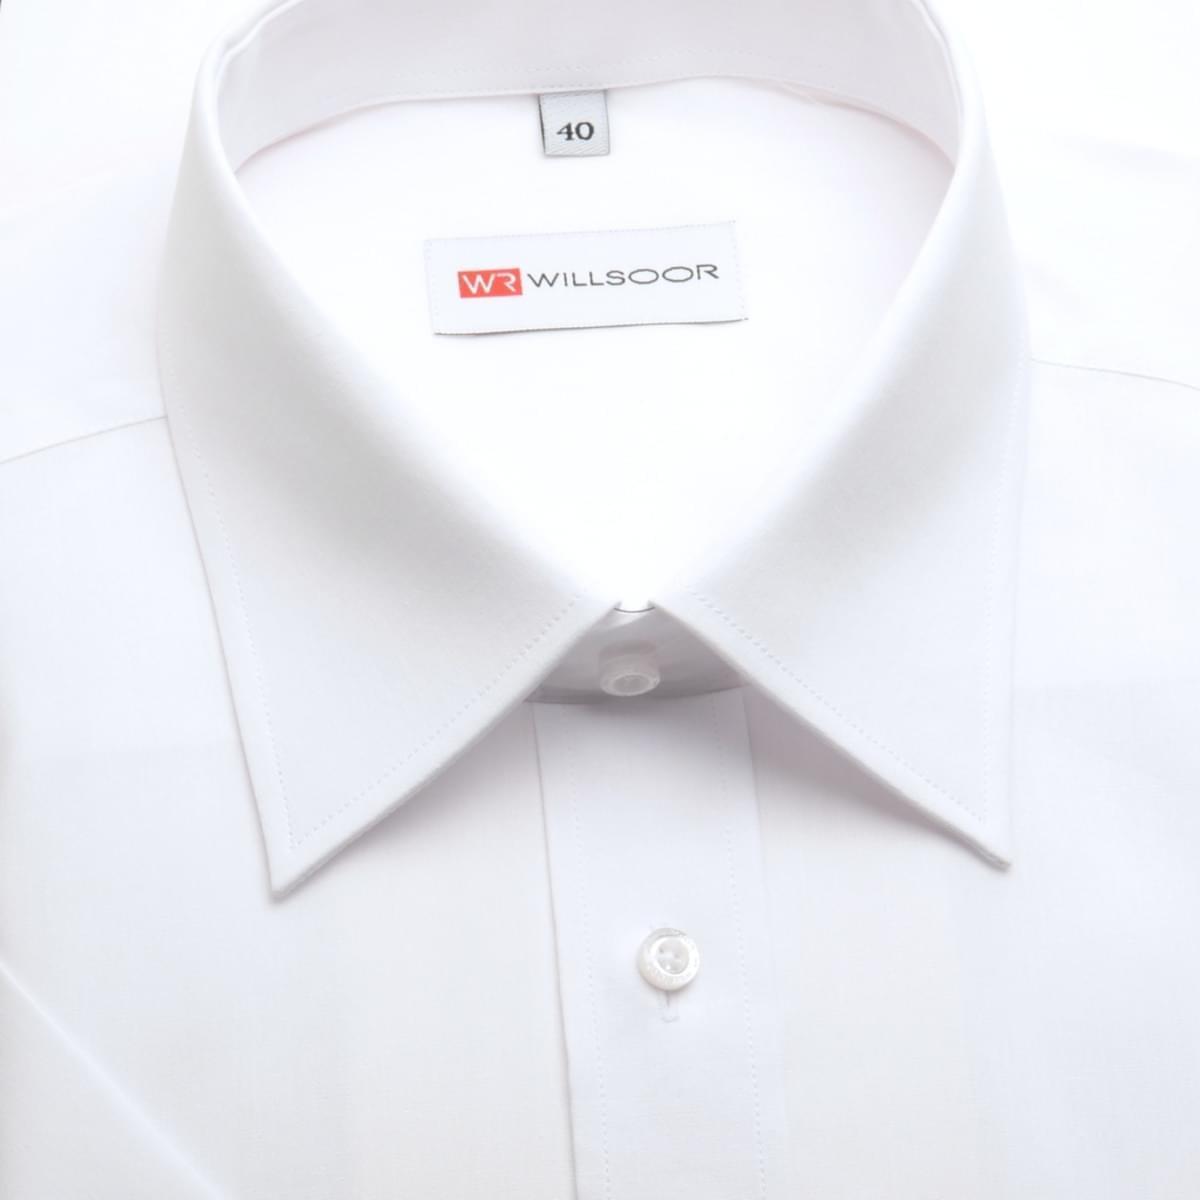 Willsoor Pánská košile WR Classic (výška 176-182) 1795 176-182 / 38